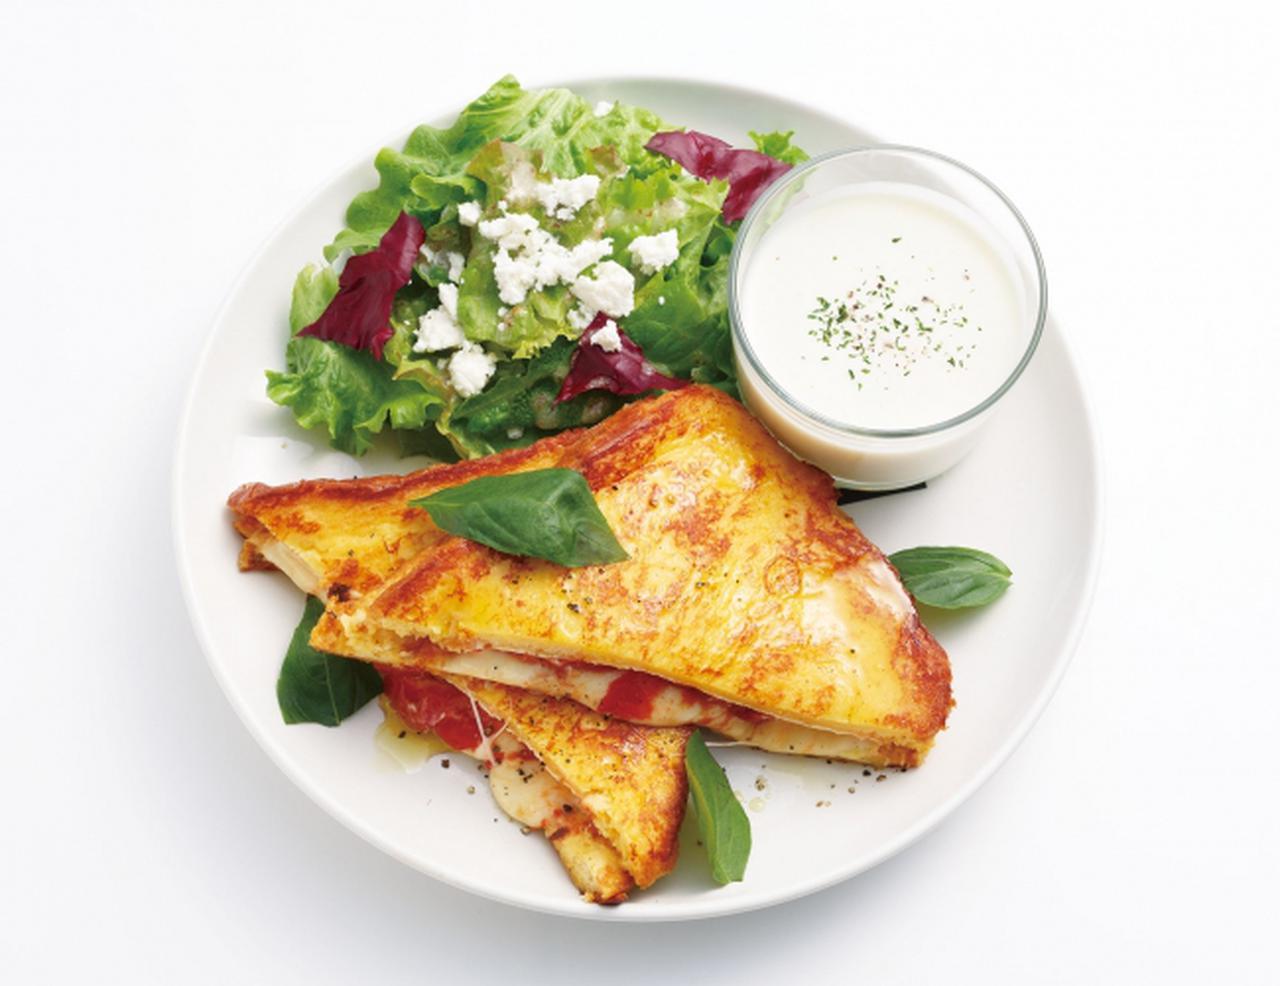 画像5: メロン&ライムの爽やかな夏のフレンチトースト! フレンチトースト専門店「Ivorish(アイボリッシュ)」で販売中